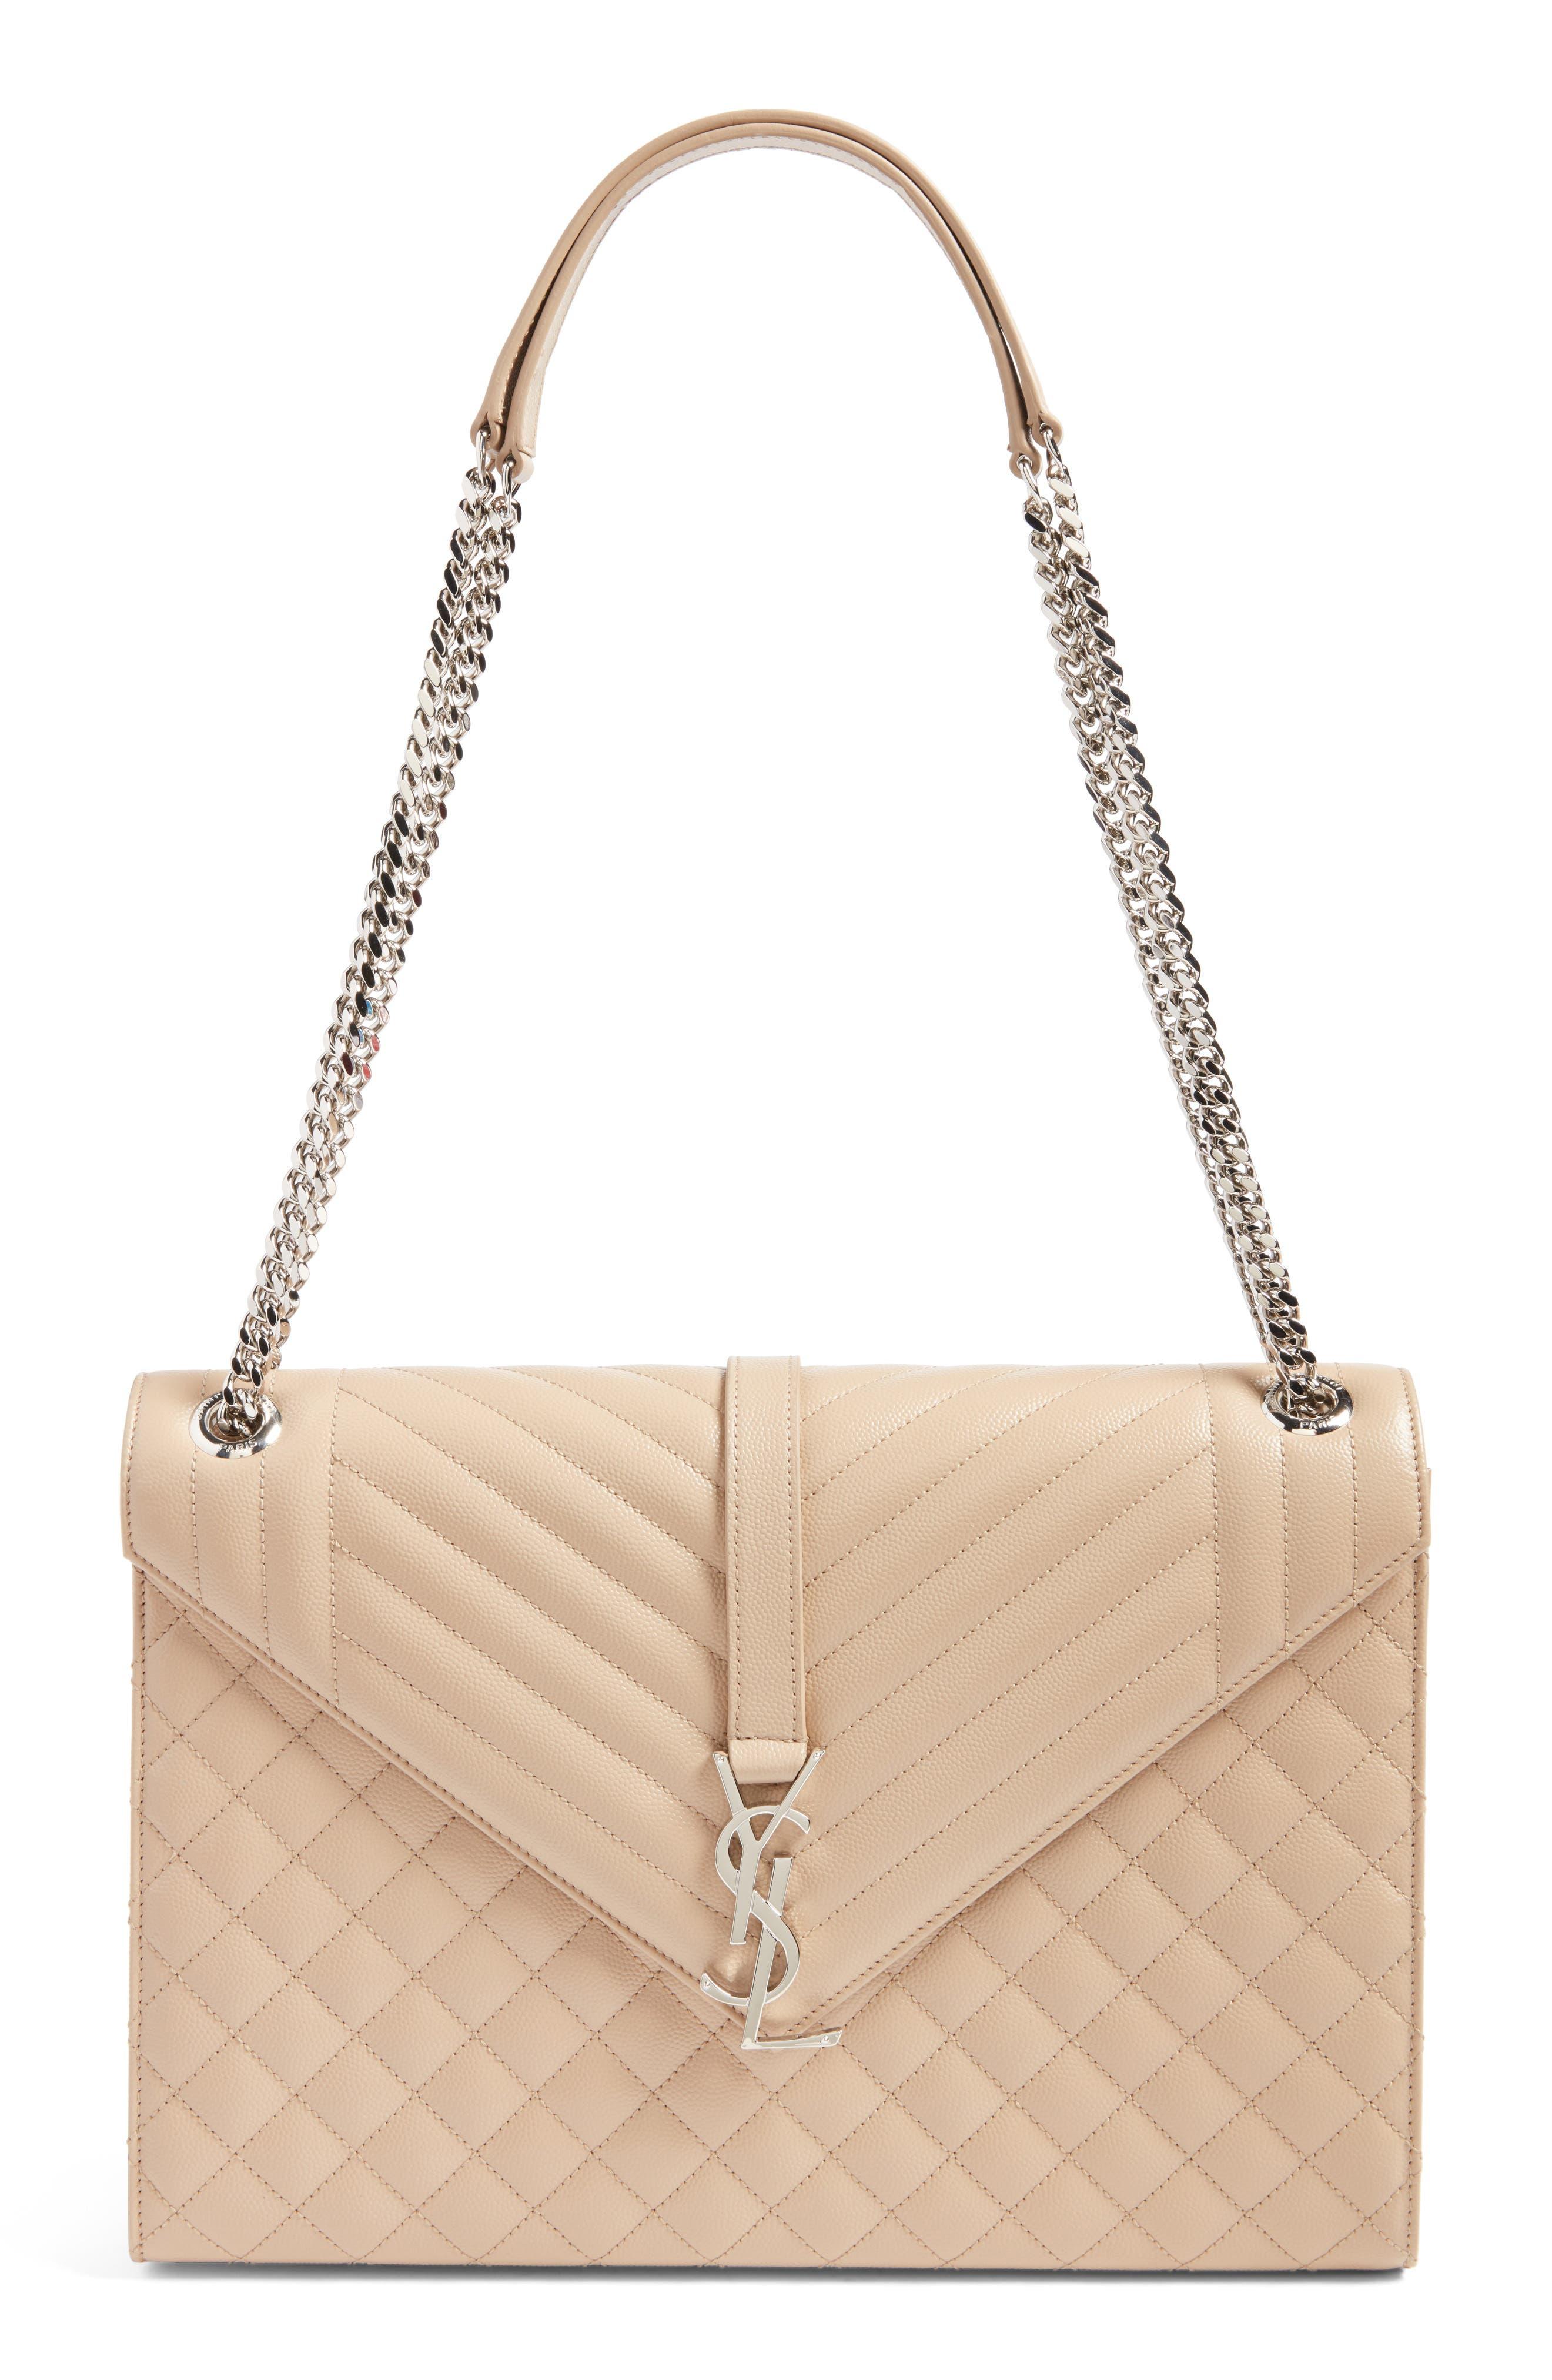 Saint Laurent Large Monogramme Calfskin Leather Shoulder Bag